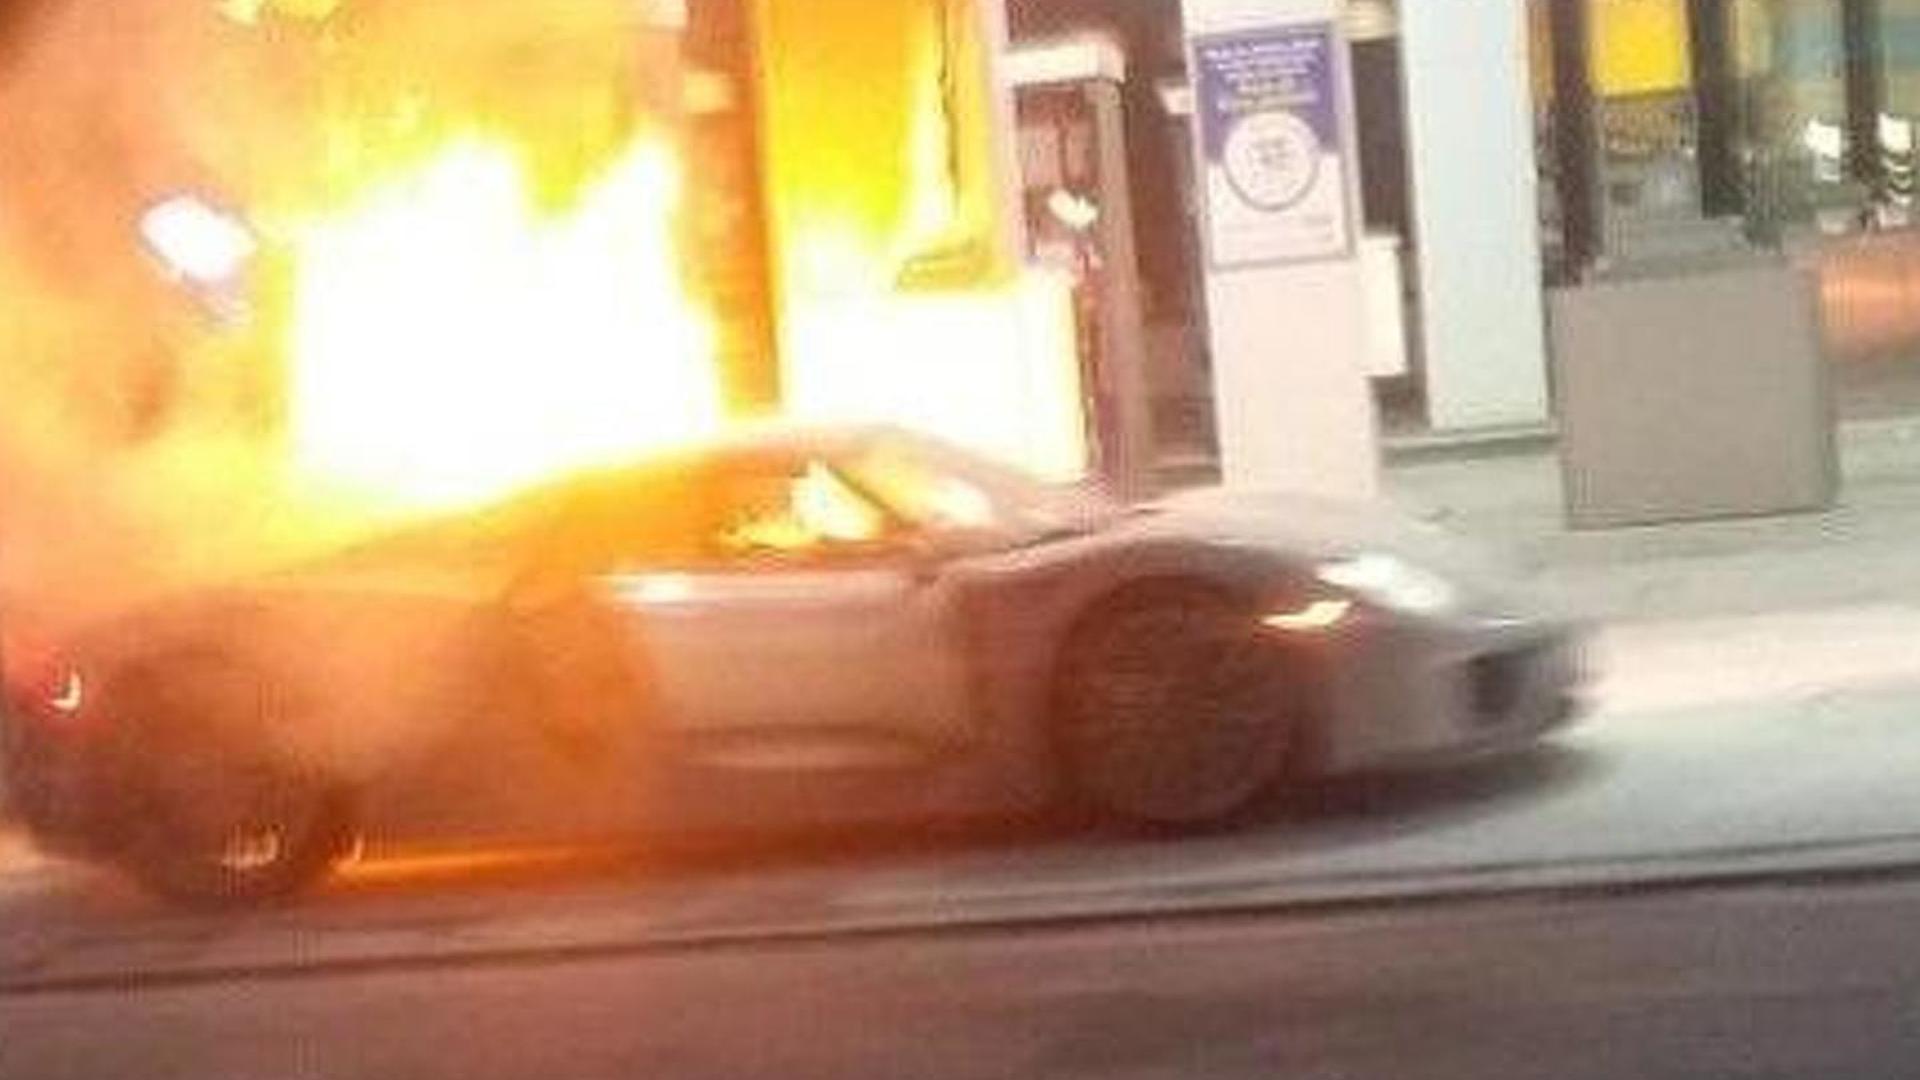 Porsche 918 Spyder Devoured By Heavy Fire At Gas Station Video